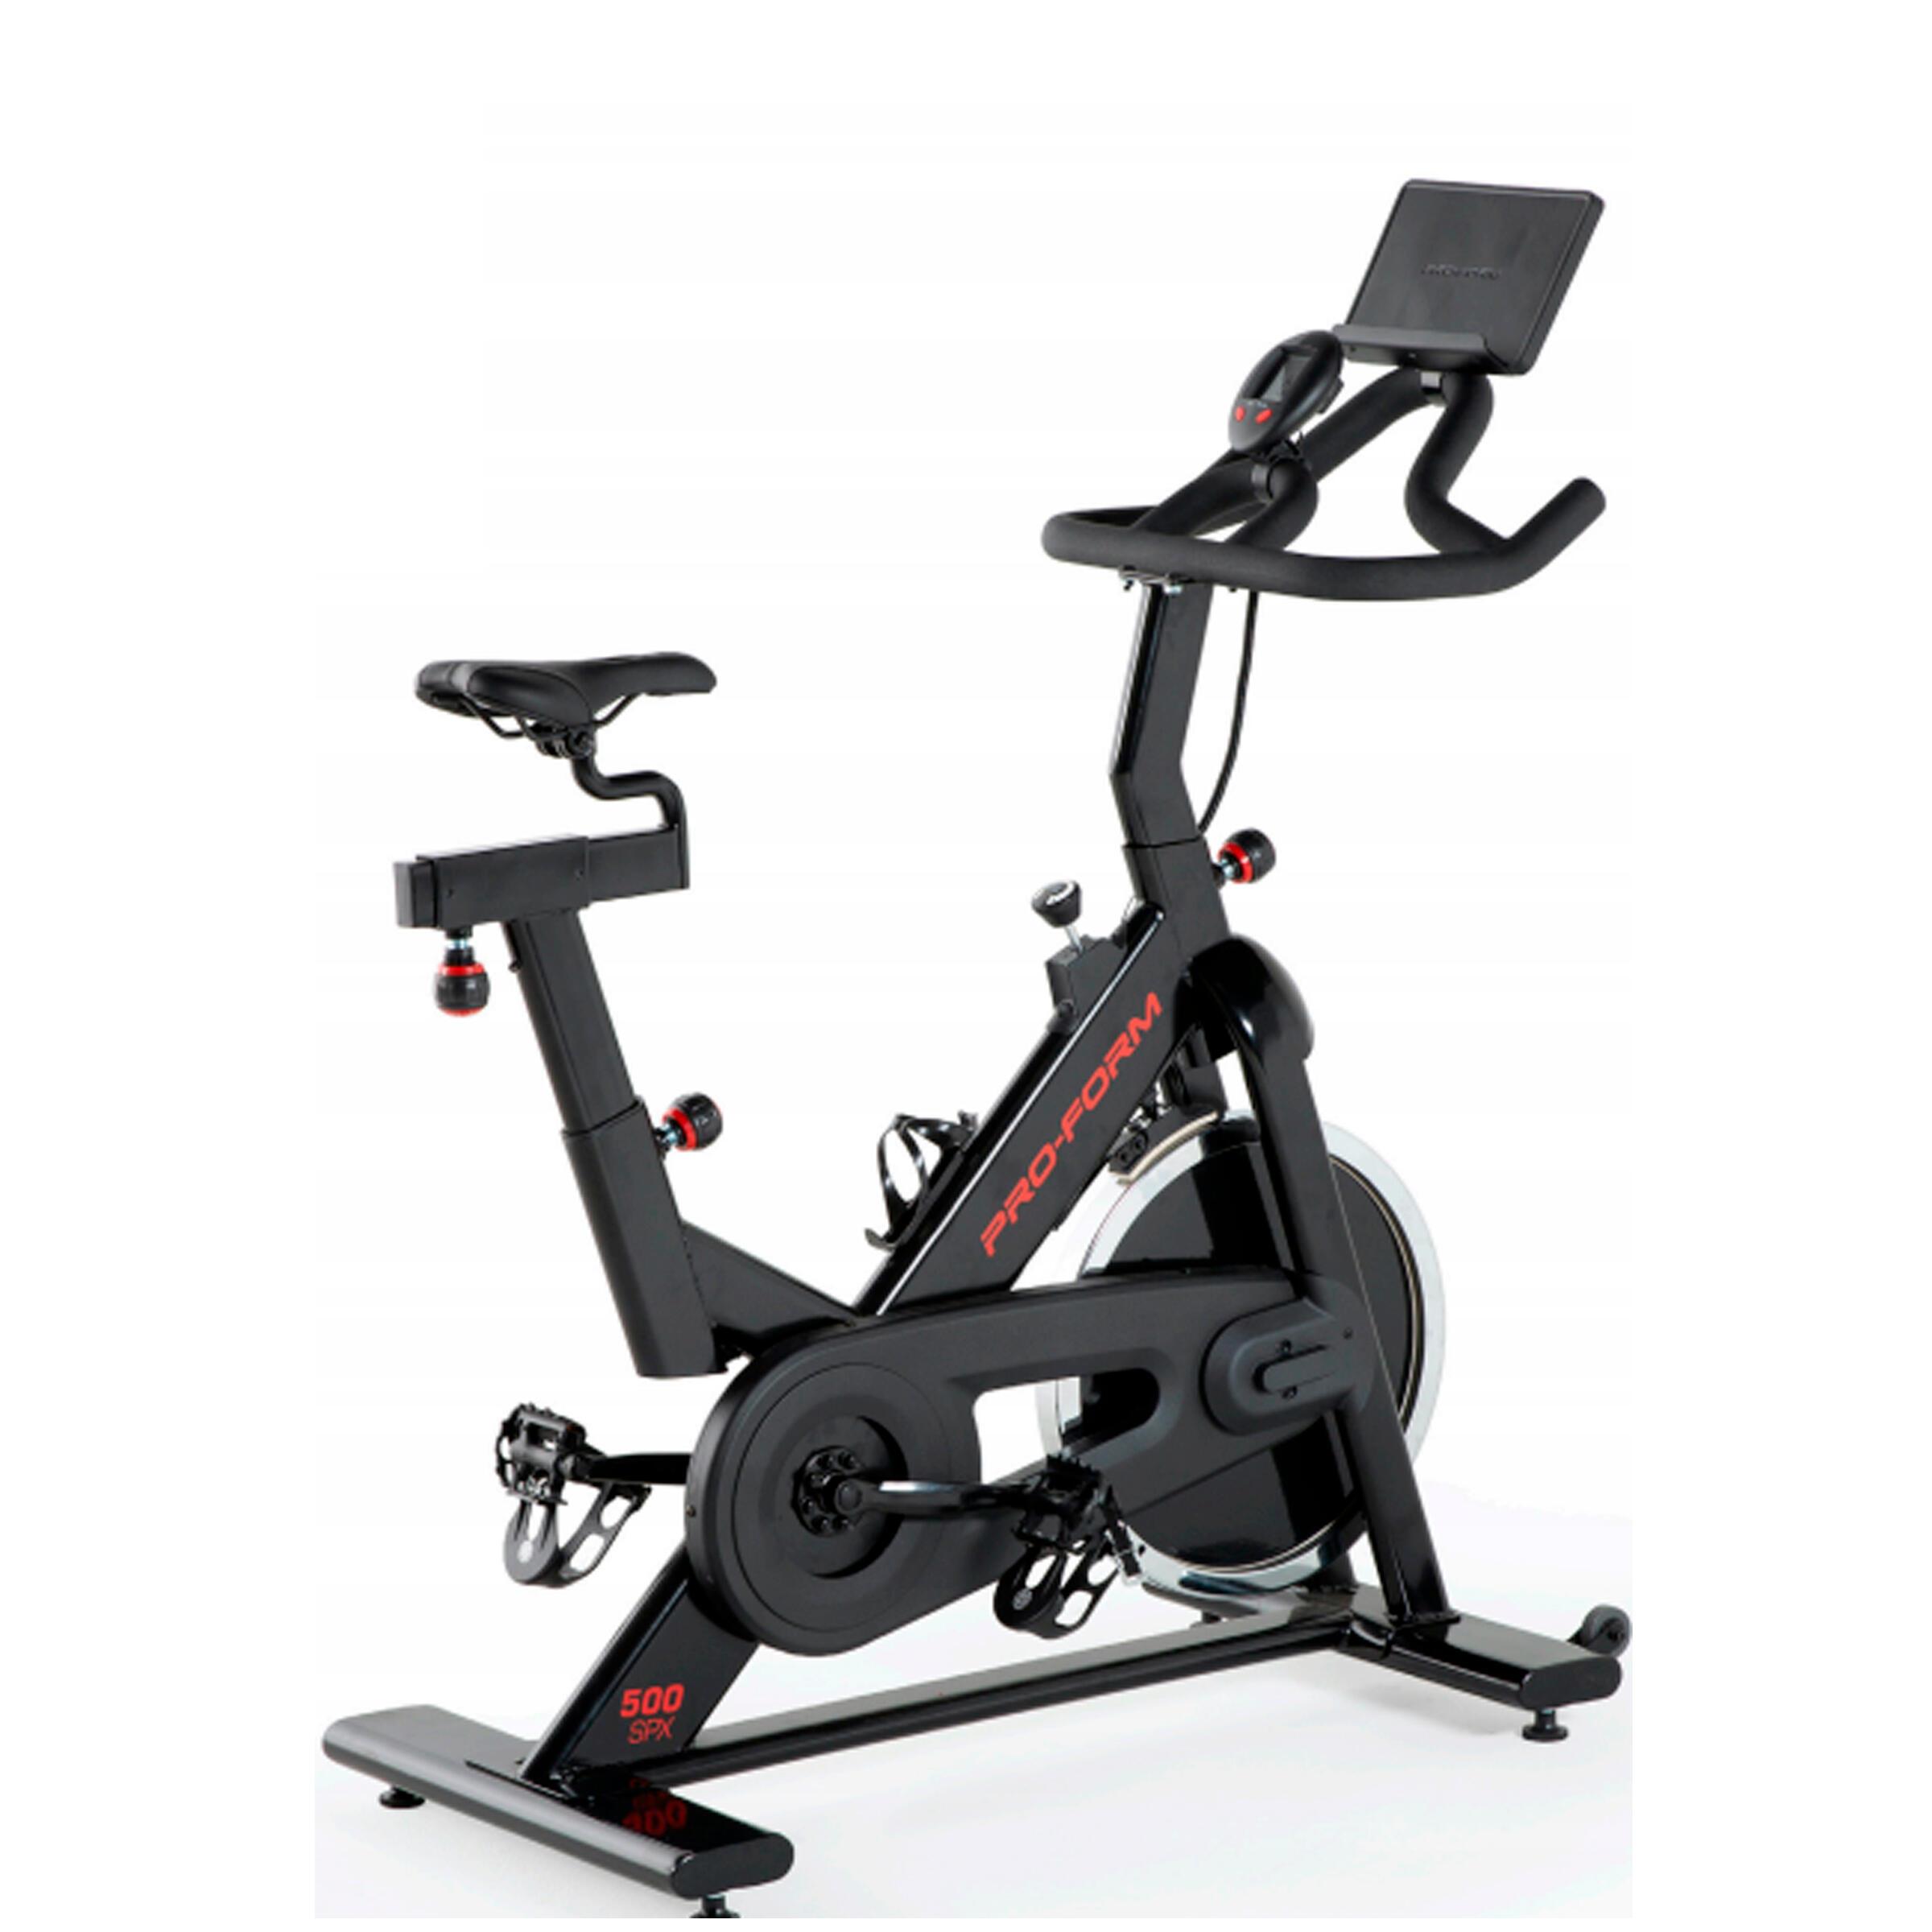 Bicicleta ciclo indoor Proform 500 spx